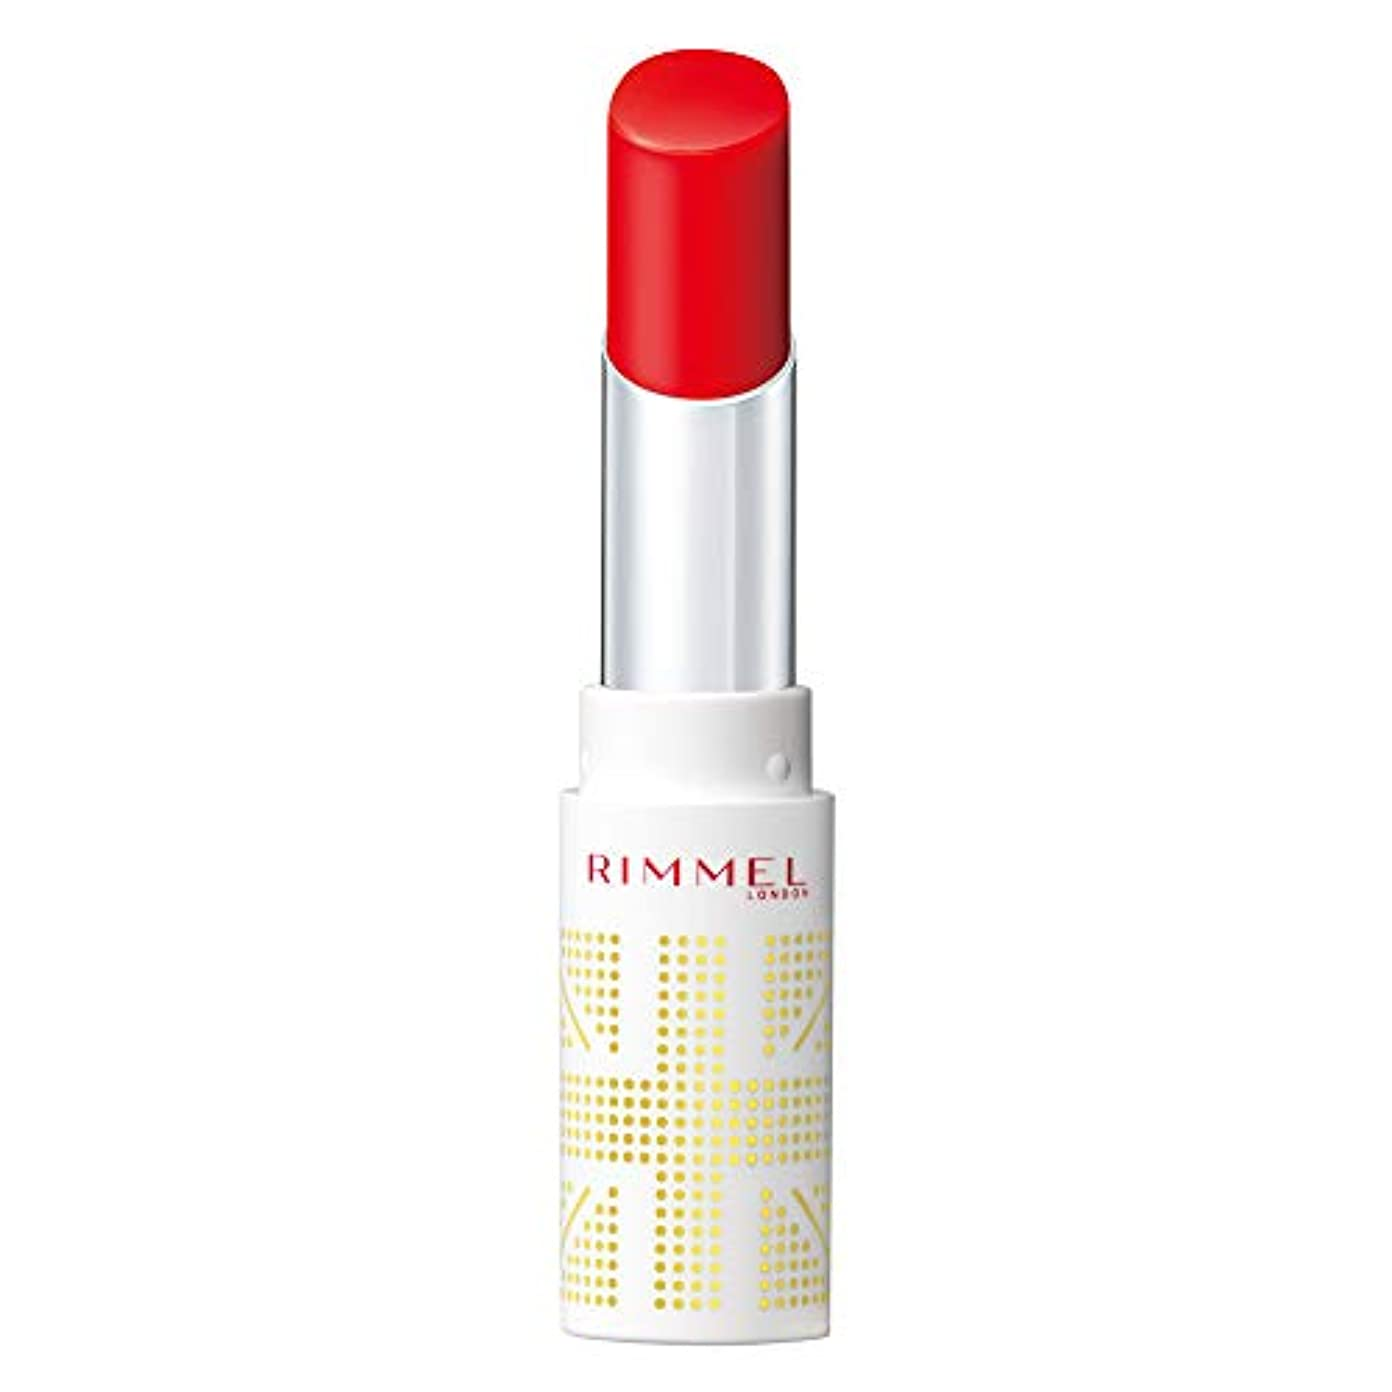 遠い扇動する抽出Rimmel (リンメル) リンメル ラスティングフィニッシュ オイルティントリップ 002 マンダリンレッド 3.8g 口紅